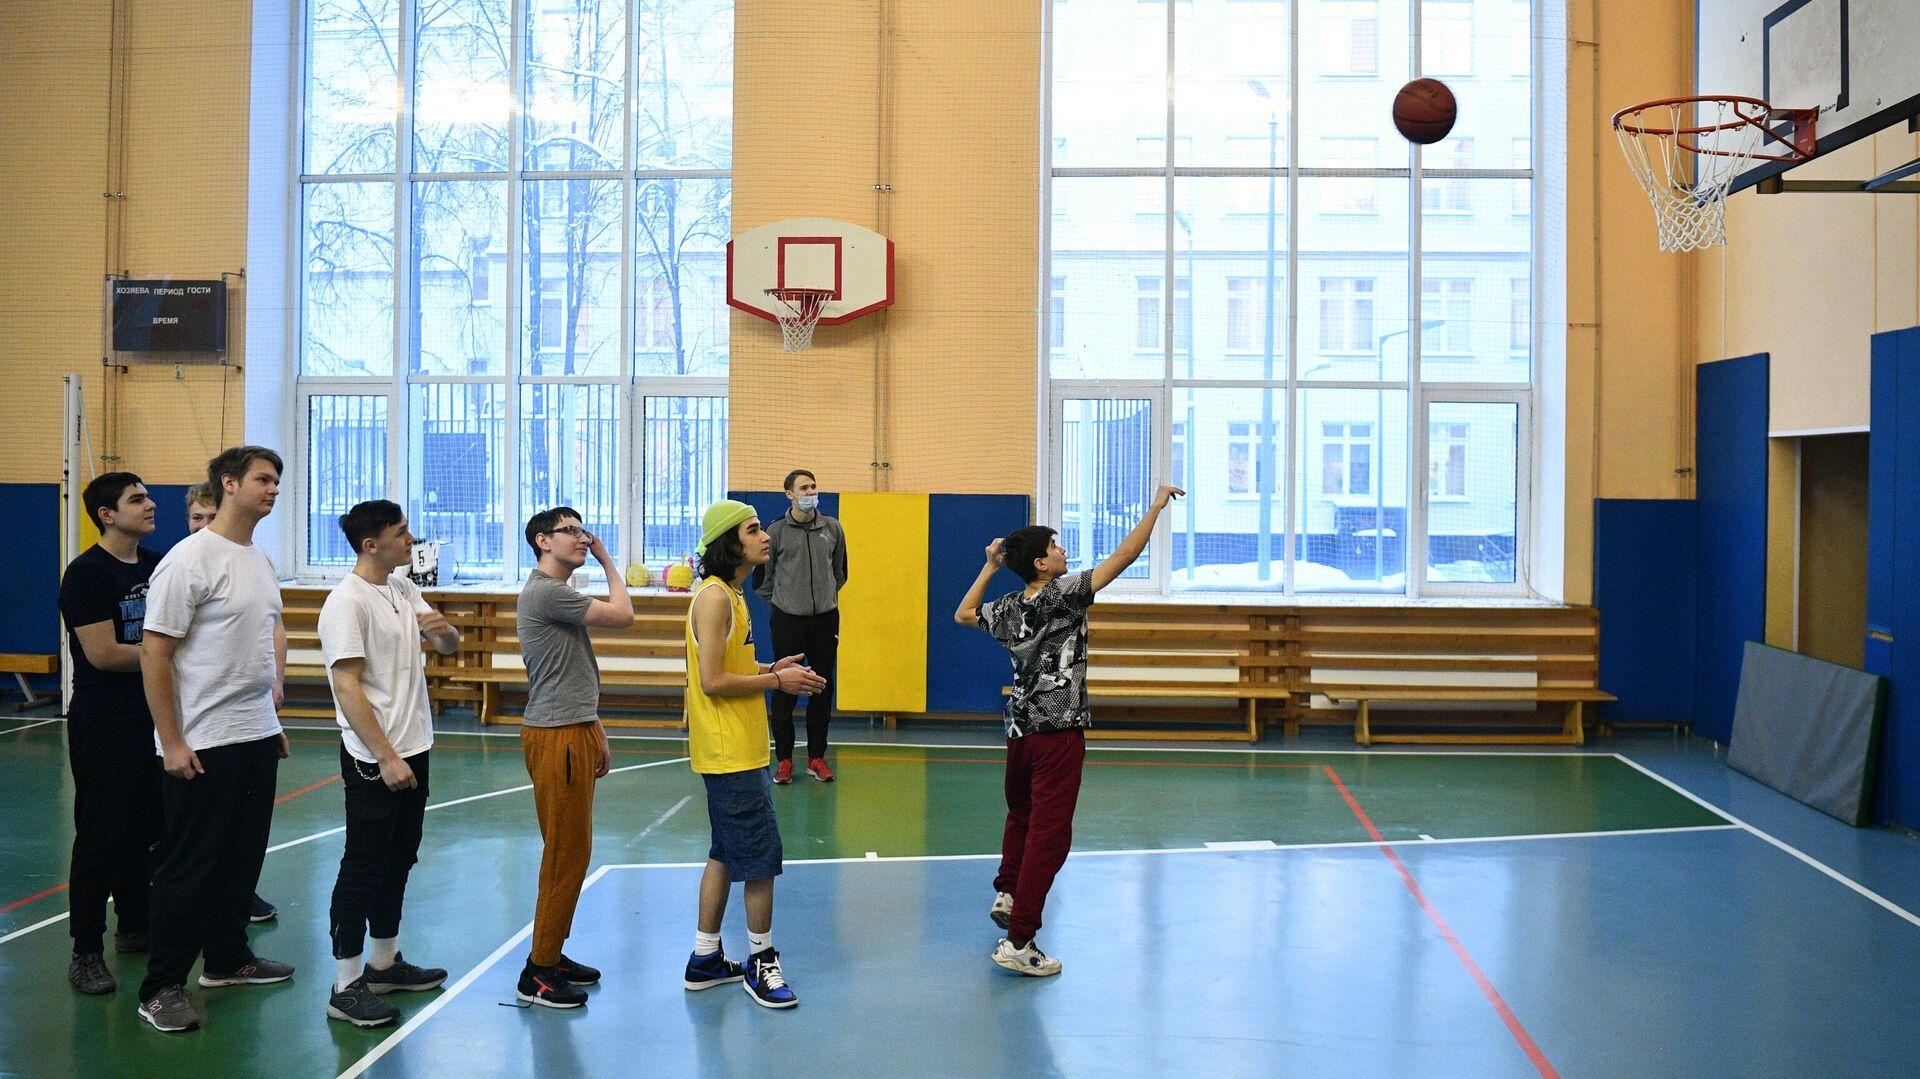 Учащиеся на уроке физкультуры в школе №429 в Москве - РИА Новости, 1920, 10.09.2021